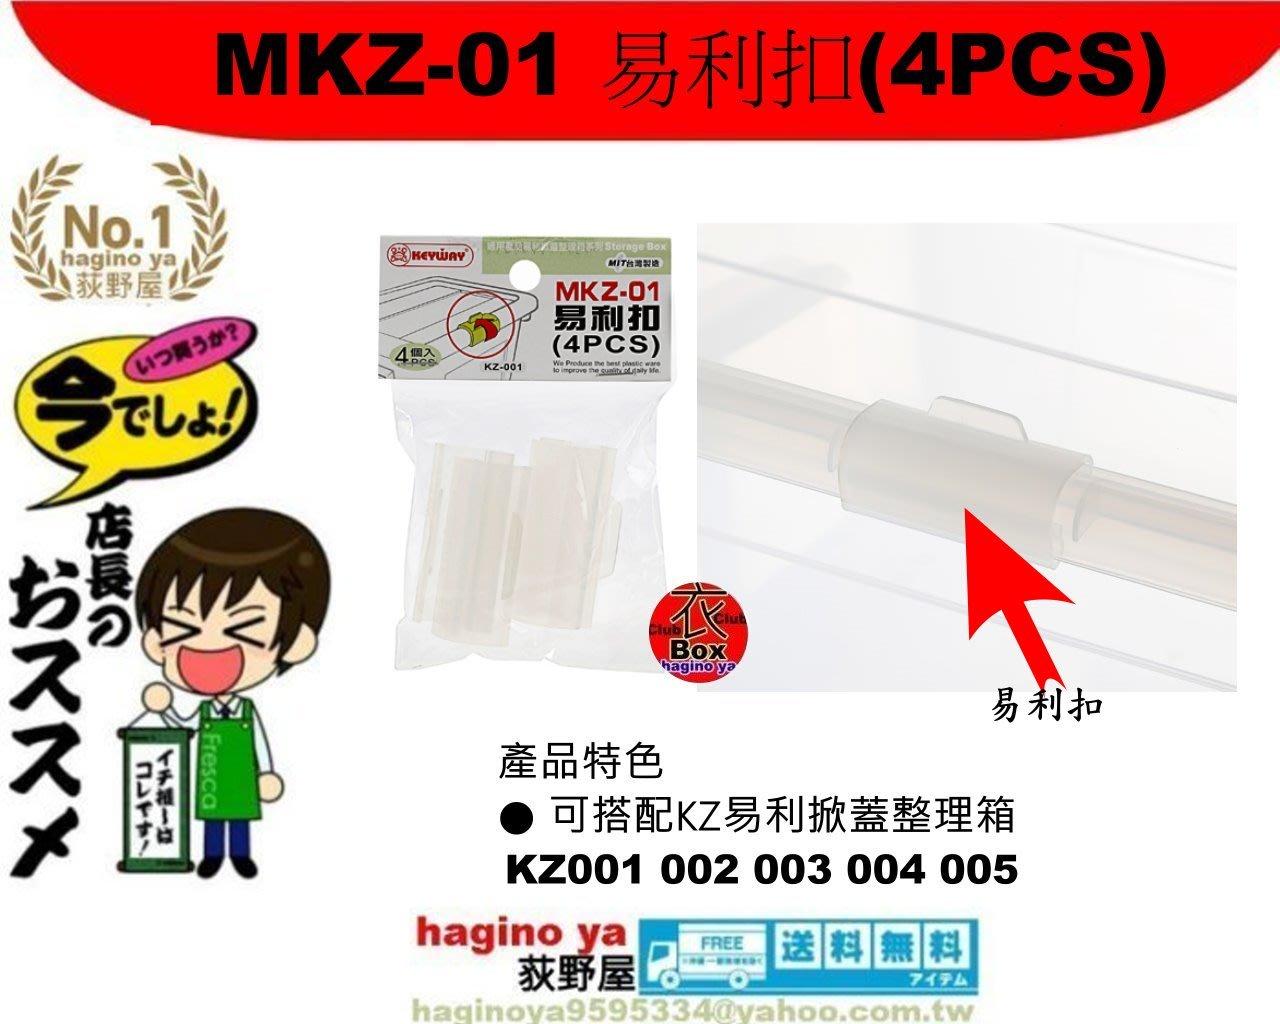 荻野屋 MKZ-01 易利扣(4PCS)/置物箱/收納箱/掀蓋整理箱/玩具整理箱/無印良品/MKZ01/直購價